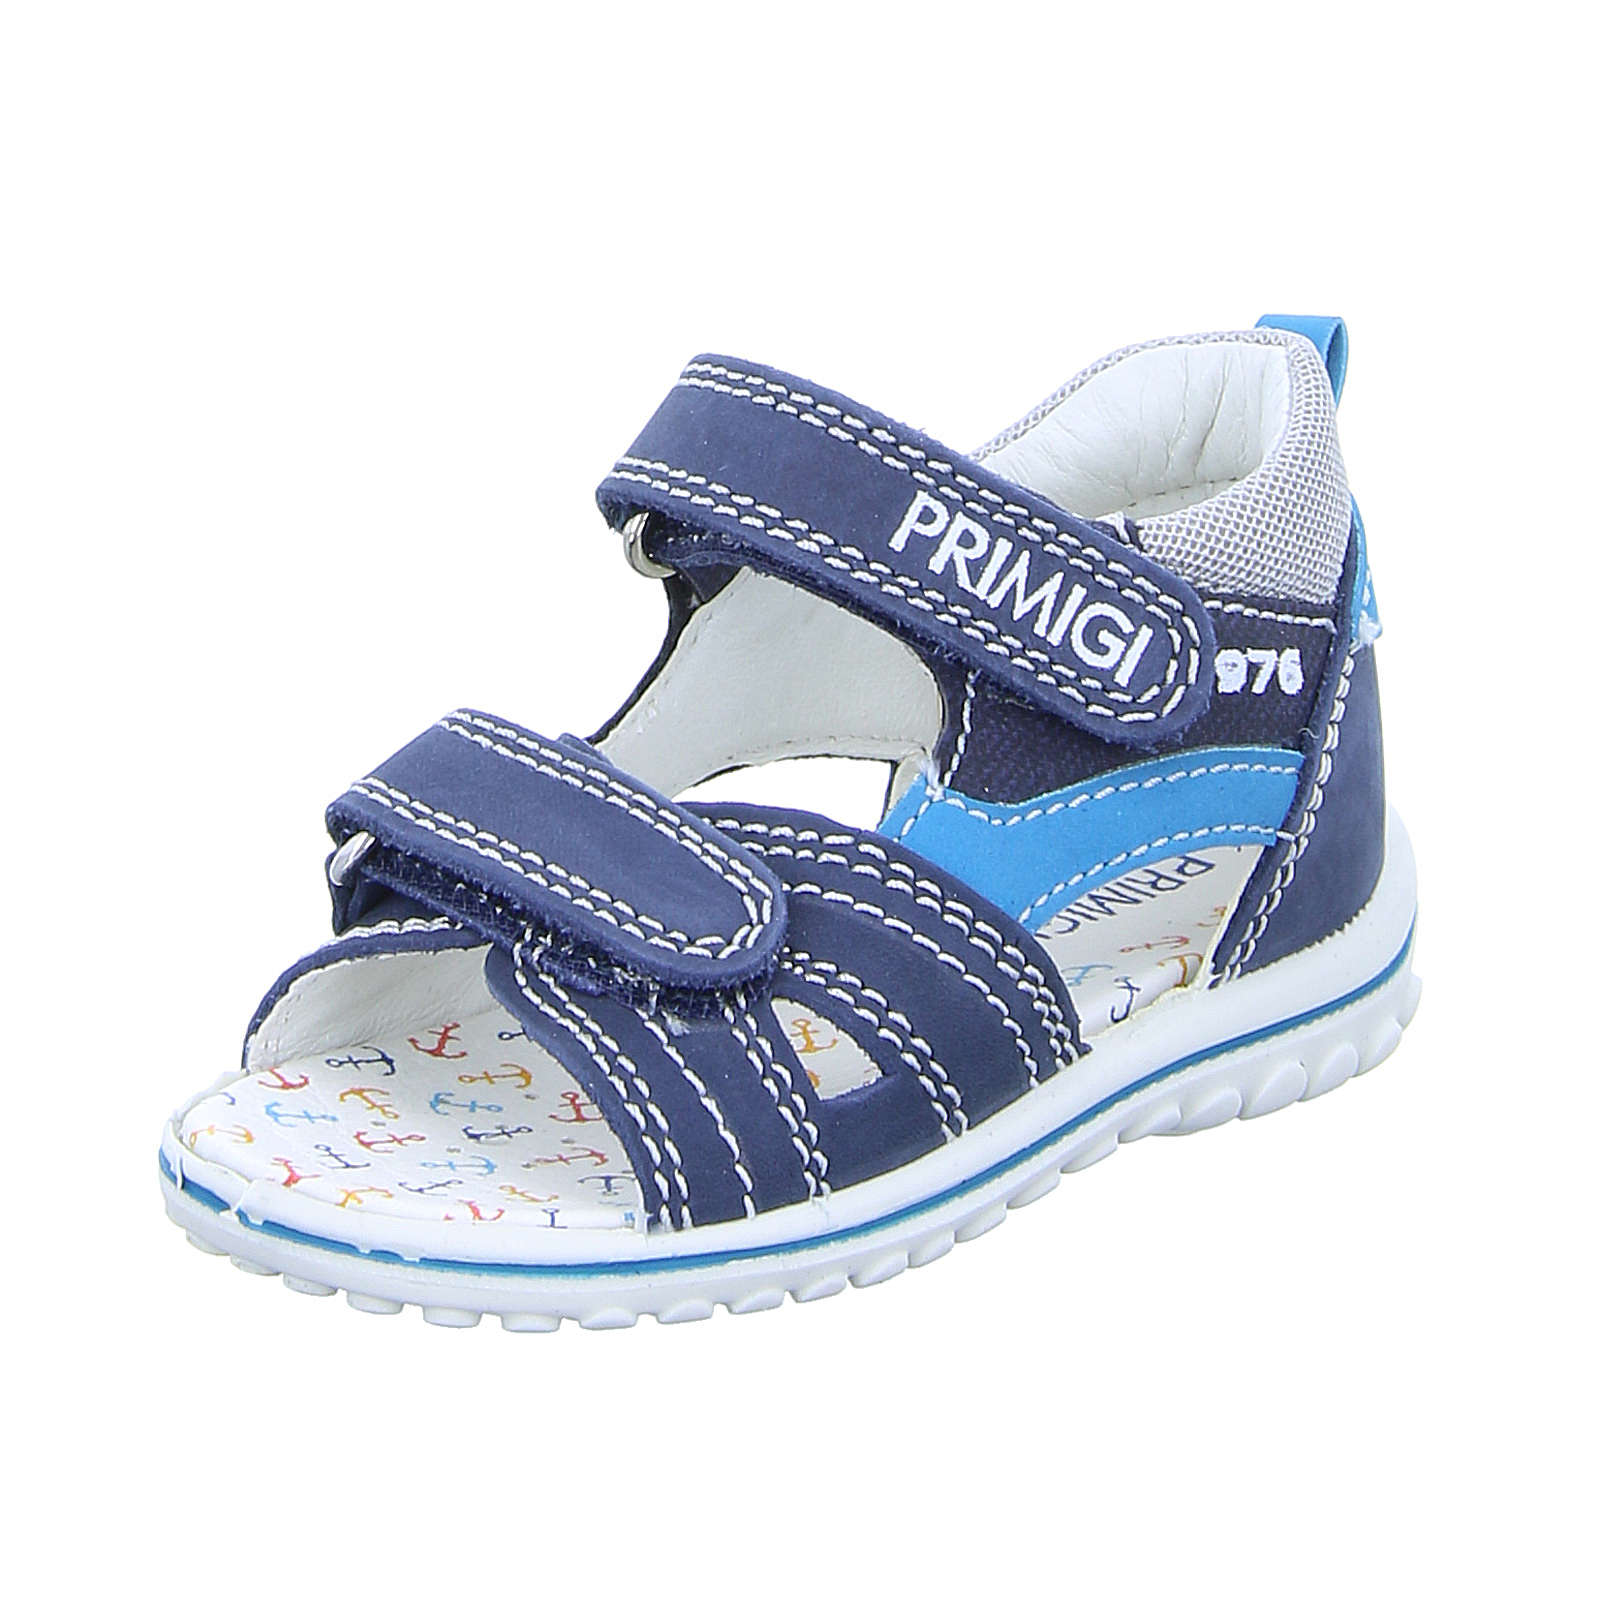 PRIMIGI Kinder Sandalen blau Gr. 22